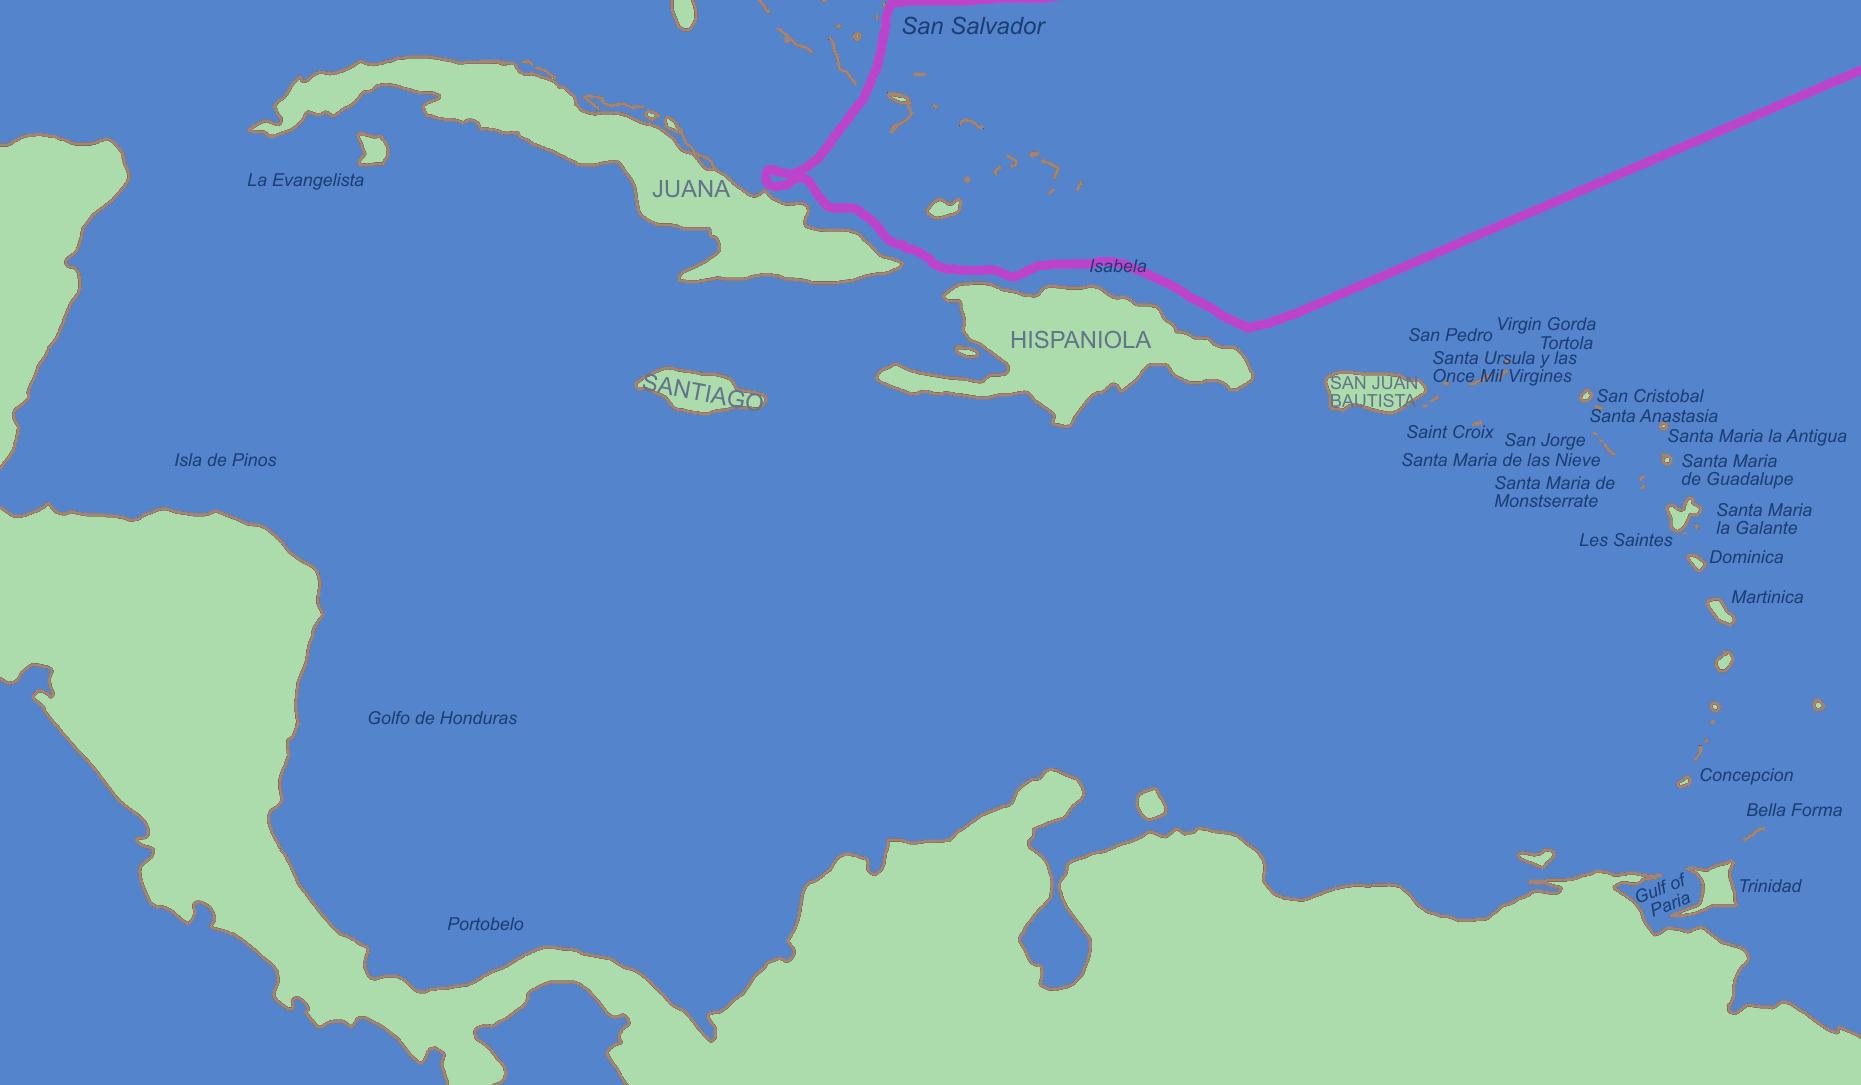 Primer viaje de Cristóbal Colón en 1492